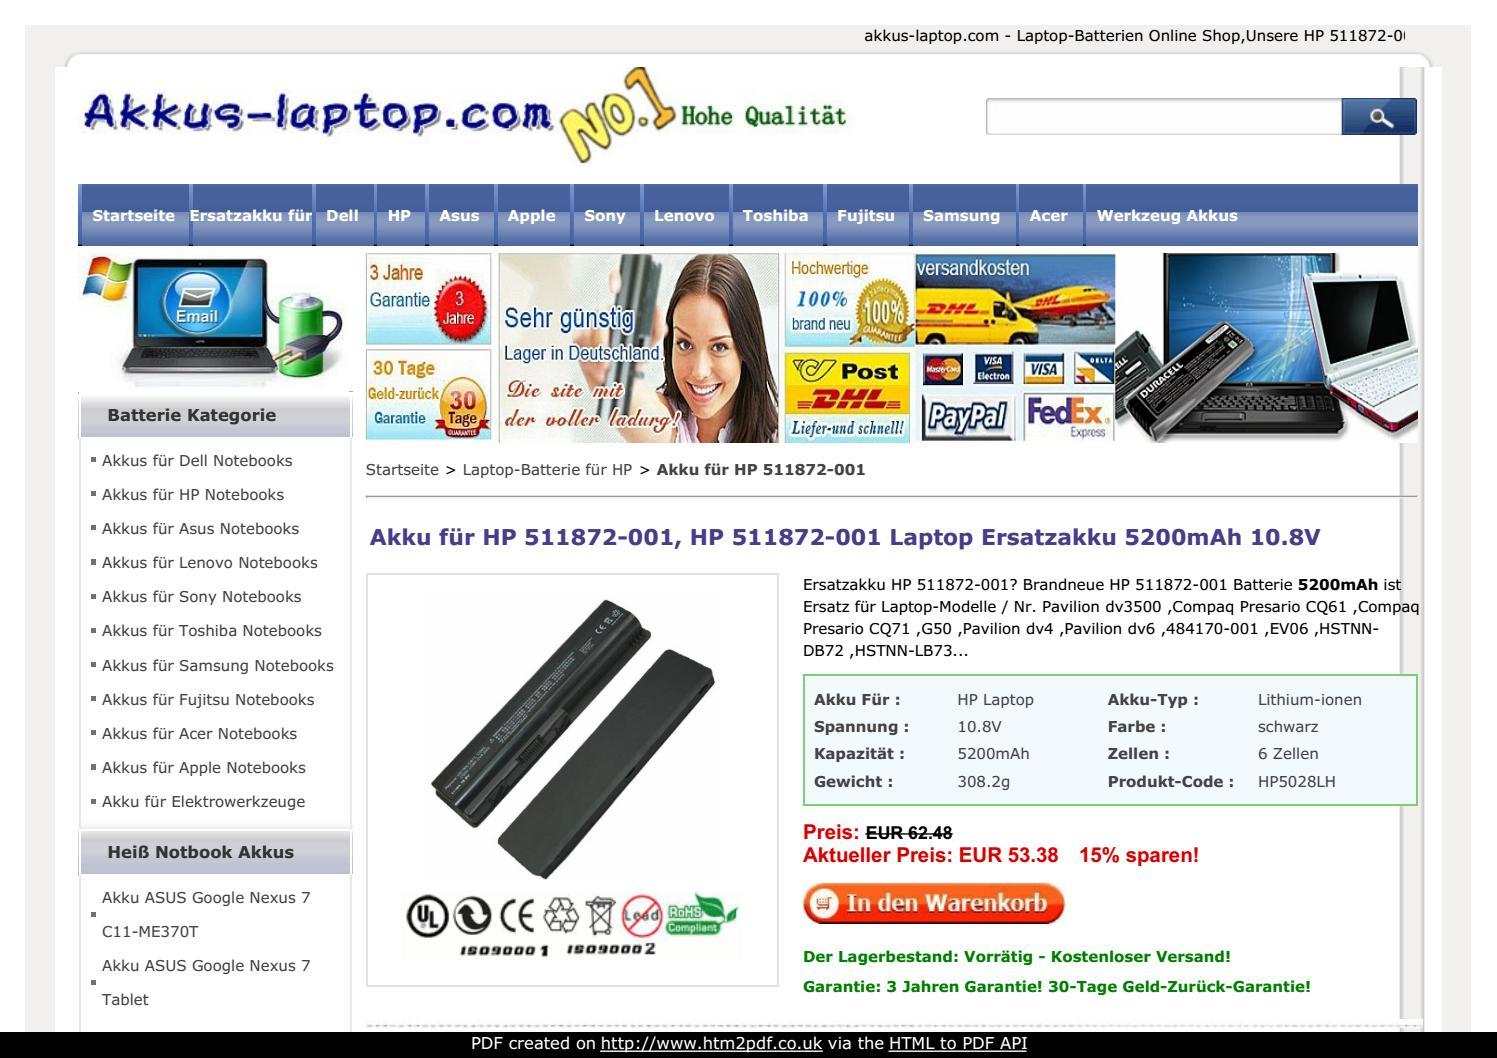 Notebook Laptop Akku Batterie f/ür HP Compaq Presario CQ40 CQ41 CQ45 CQ50 CQ60 CQ70 G50 G60 ersetzt HSTNN-CB72 484170-001 484171-001 485041-001 485041-003 498482-001 HSTNN-UB72 KS524AA Battery